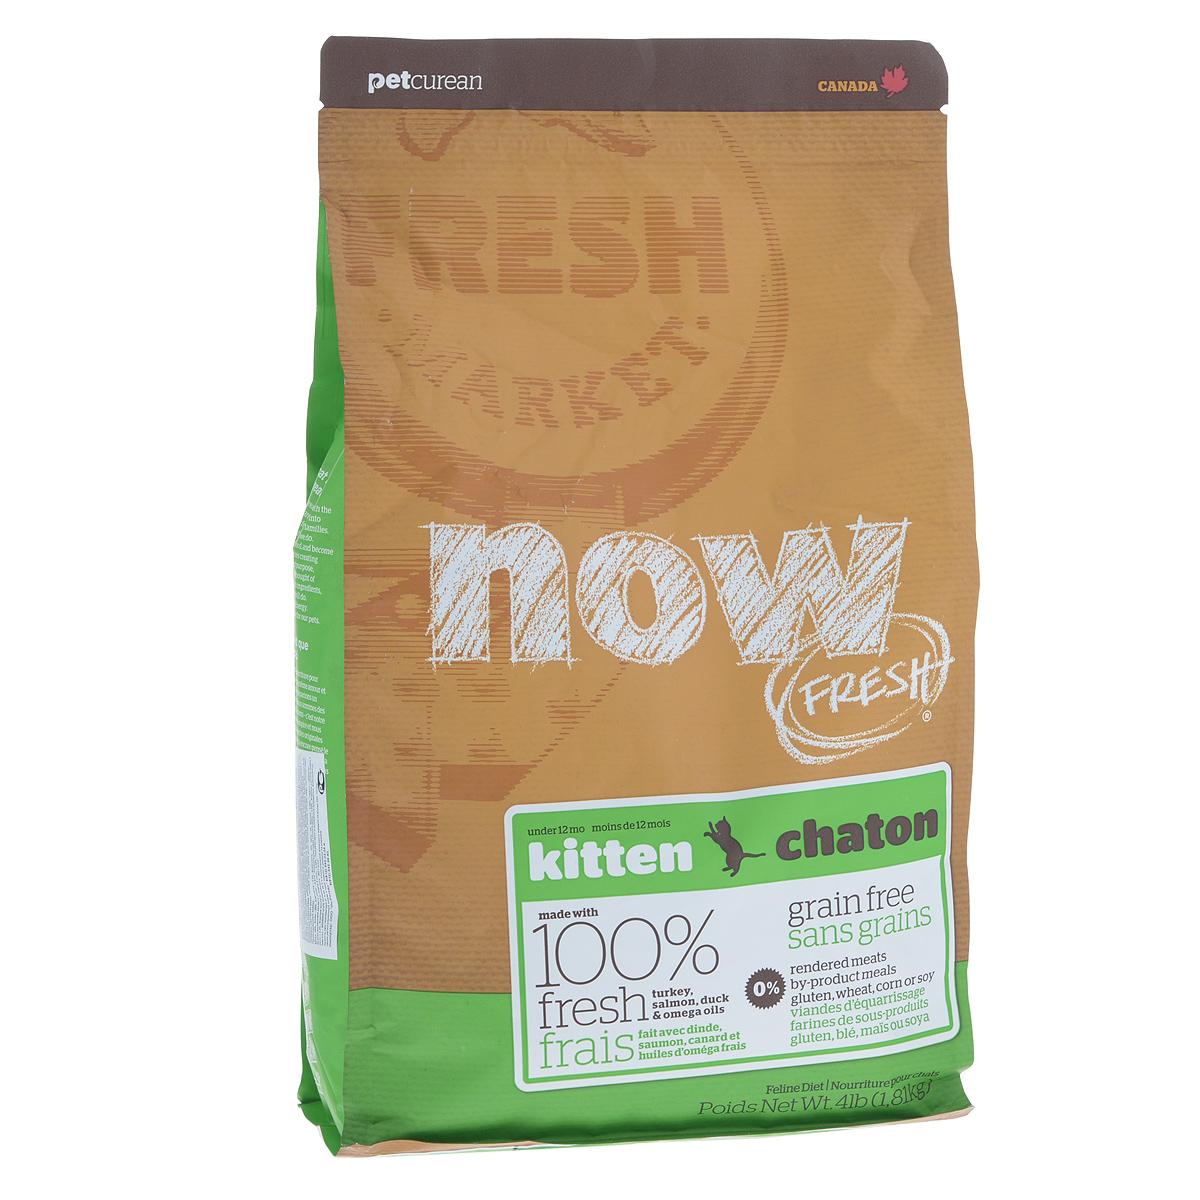 Корм сухой Now Fresh для котят, беззерновой, с индейкой, уткой и овощами, 1,81 кг20039Now Fresh - полностью сбалансированный холистик корм для котят с 5 недели до 1 года из свежего филе индейки, лосося и утки, выращенных на канадских фермах. Также корм подходит беременным и кормящим кошкам. При производстве кормов используется только свежее мясо индейки, утки, лосося, кокосовое и рапсовое масло.Ключевые преимущества: - полностью беззерновой, - не содержит субпродуктов, красителей, говядины, мясных ингредиентов, выращенных на гормонах, - наличие всех питательных компонентов для правильного развития костей и суставов, - оптимальное соотношение белков и жиров помогает кошек оставаться здоровым и сохранять отличную форму, - докозагексаеновая кислота (DHA) и эйкозапентаеновая кислота (EPA) необходима для нормальной деятельности мозга и здорового зрения, - пробиотики и пребиотики обеспечивают здоровое пищеварение, - таурин необходим для здоровья глаз и нормального функционирования сердечной мышцы, - омега-масла в составе необходимы для здоровой кожи и шерсти, - антиоксиданты укрепляют иммунную систему,- профилактика образования комочков шерсти в желудке. Состав: филе индейки, картофель, горох, свежие цельные яйца, картофельная мука, томаты, семена льна, яблоки, филе лосося, утиное филе, масло канолы (источник витамина Е), люцерна, натуральный ароматизатор, кокосовое масло (источник витамина Е), лецитин, морковь, тыква, бананы, черника, клюква, ежевика, папайя, ананас, грейпфрут, чечевица, брокколи, шпинат, творог, ростки люцерны, дикальций фосфат, вяленых люцерна, сушеные водоросли, карбонат кальция, фосфорная кислота, хлорид натрия, лецитин, хлорид калия, DL-метионин, таурин, сушеные водоросли, витамины (витамин Е, L-аскорбил-2-полифосфатов (источник витамина С), никотиновая кислота, инозит, витамин А, мононитрат тиамина, D-пантотенат кальция, пиридоксина гидрохлорид, рибофлавин, бета-каротин, витамин D3, фолиевая кислота, биотин, витамин В12), минералы (протеинат цинка,